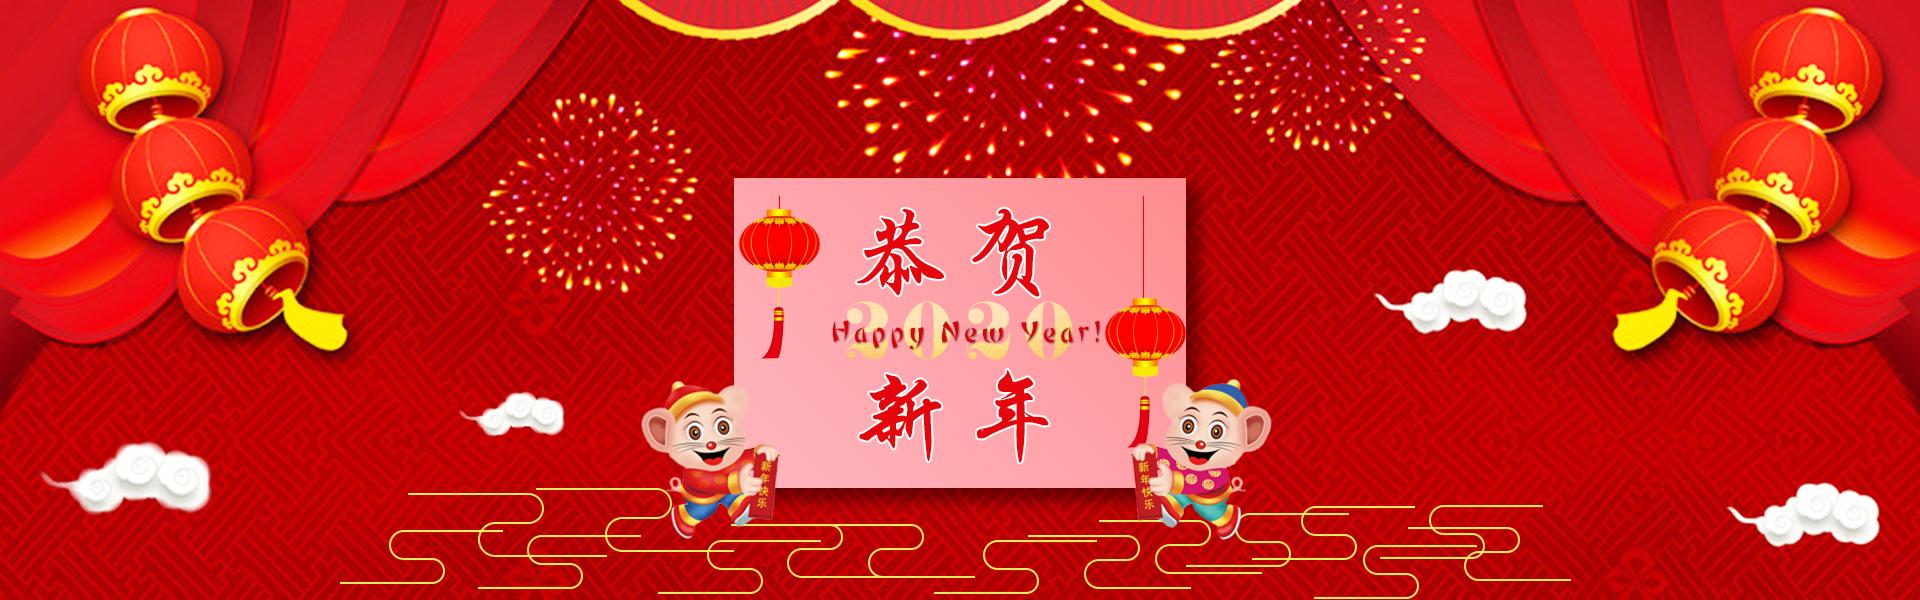 大连中汇矿产有限公司恭祝大家新春快乐!